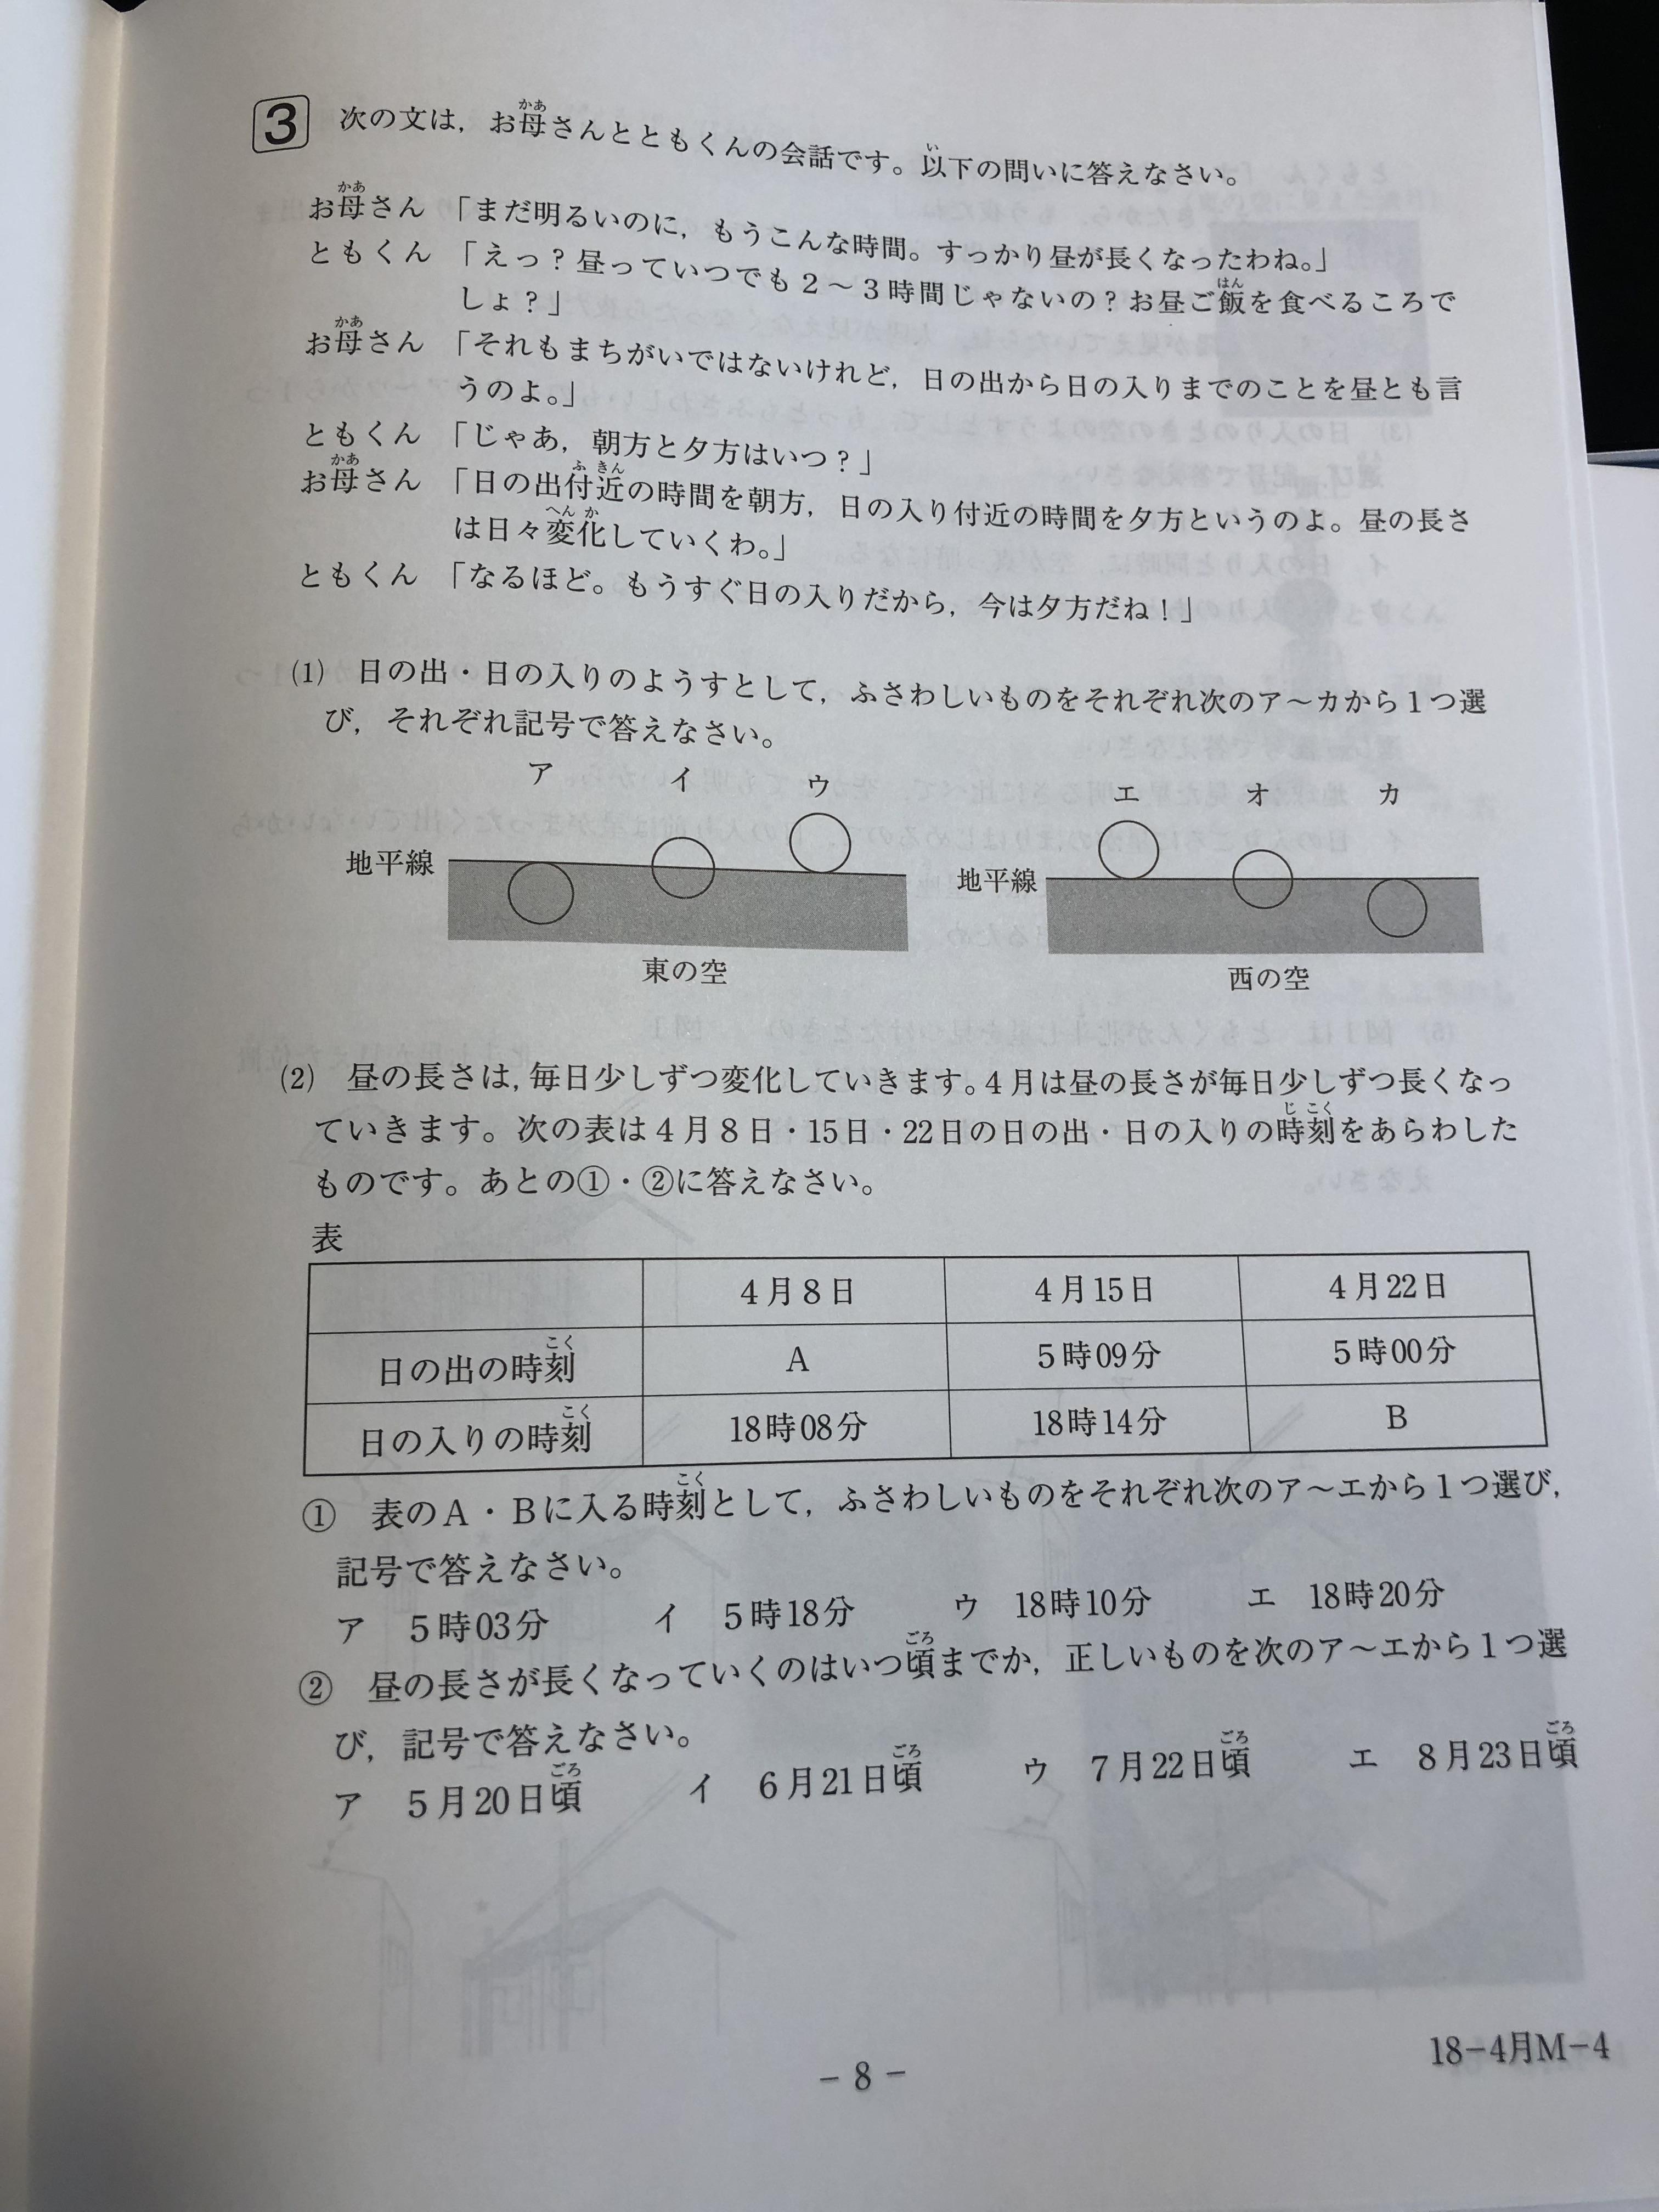 マンスリー テスト 対策 サピックス